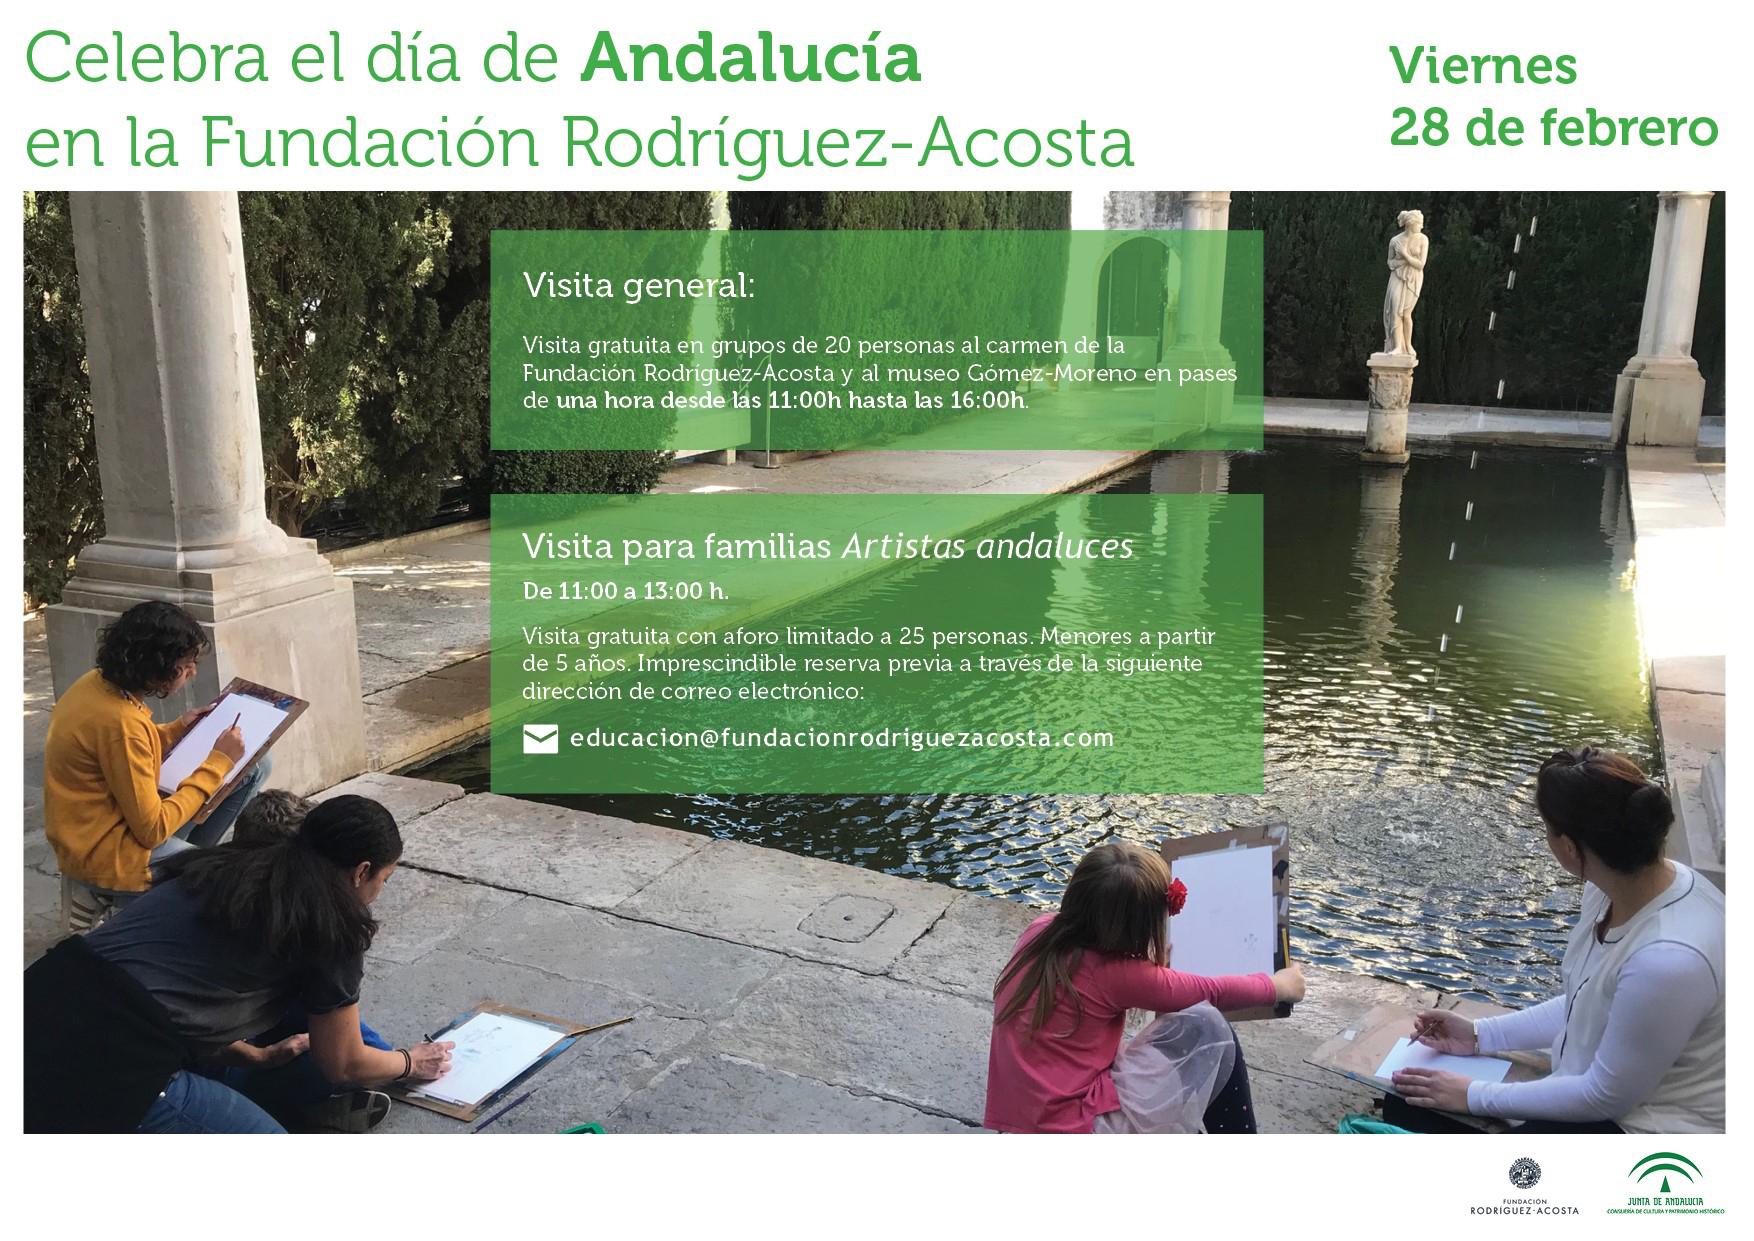 Fundación día de Andalucía 1